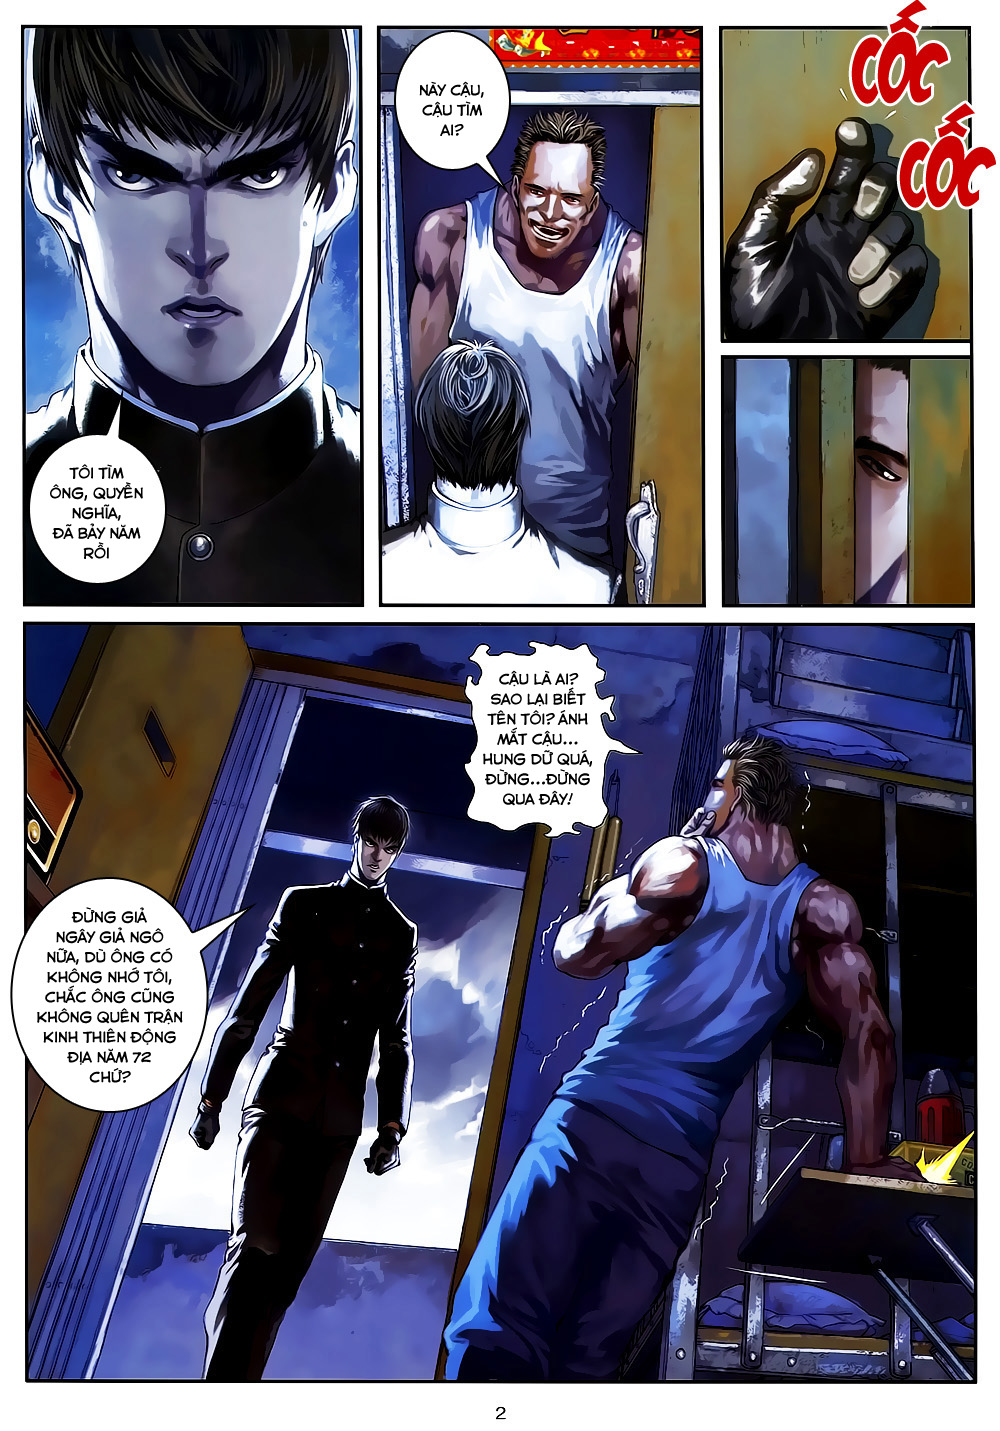 Quyền Đạo chapter 5 trang 2